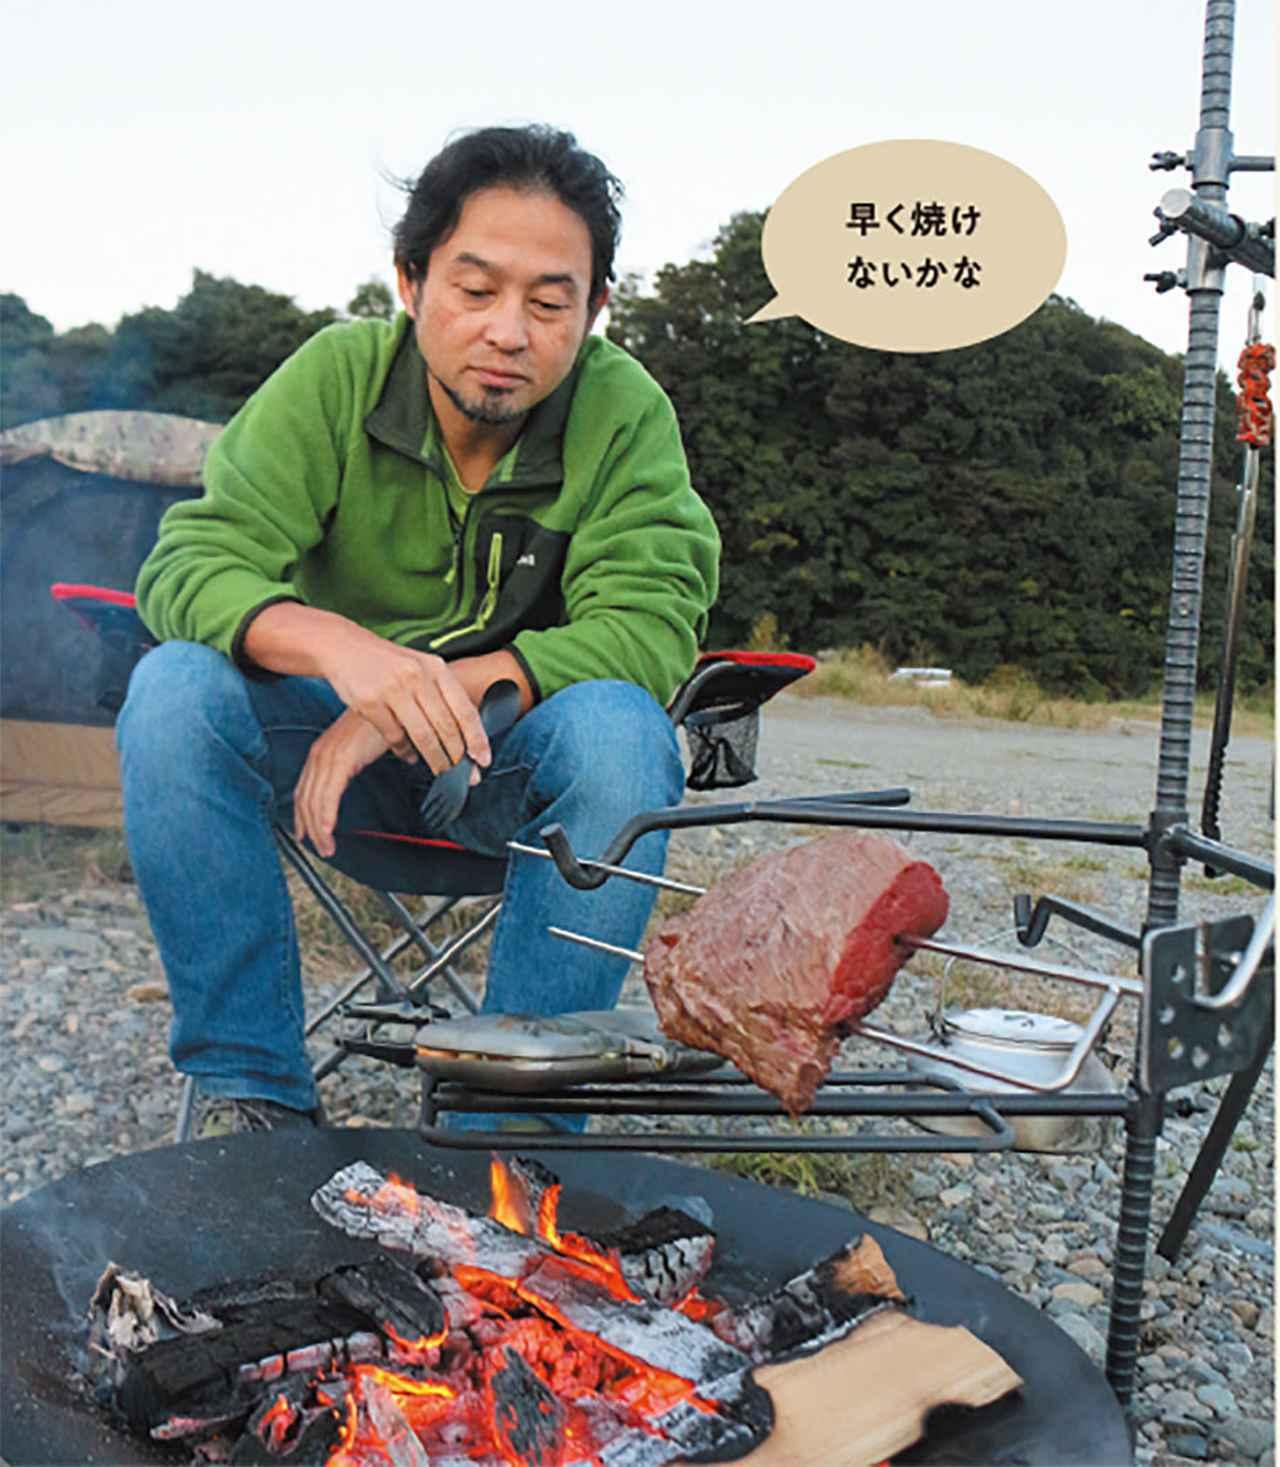 画像: 今回、一連の焚き火体験をしたオオハシ。現在48歳の4人家族。数年前までは山歩きの雑誌を担当し、現在は車中泊専門誌を製作。